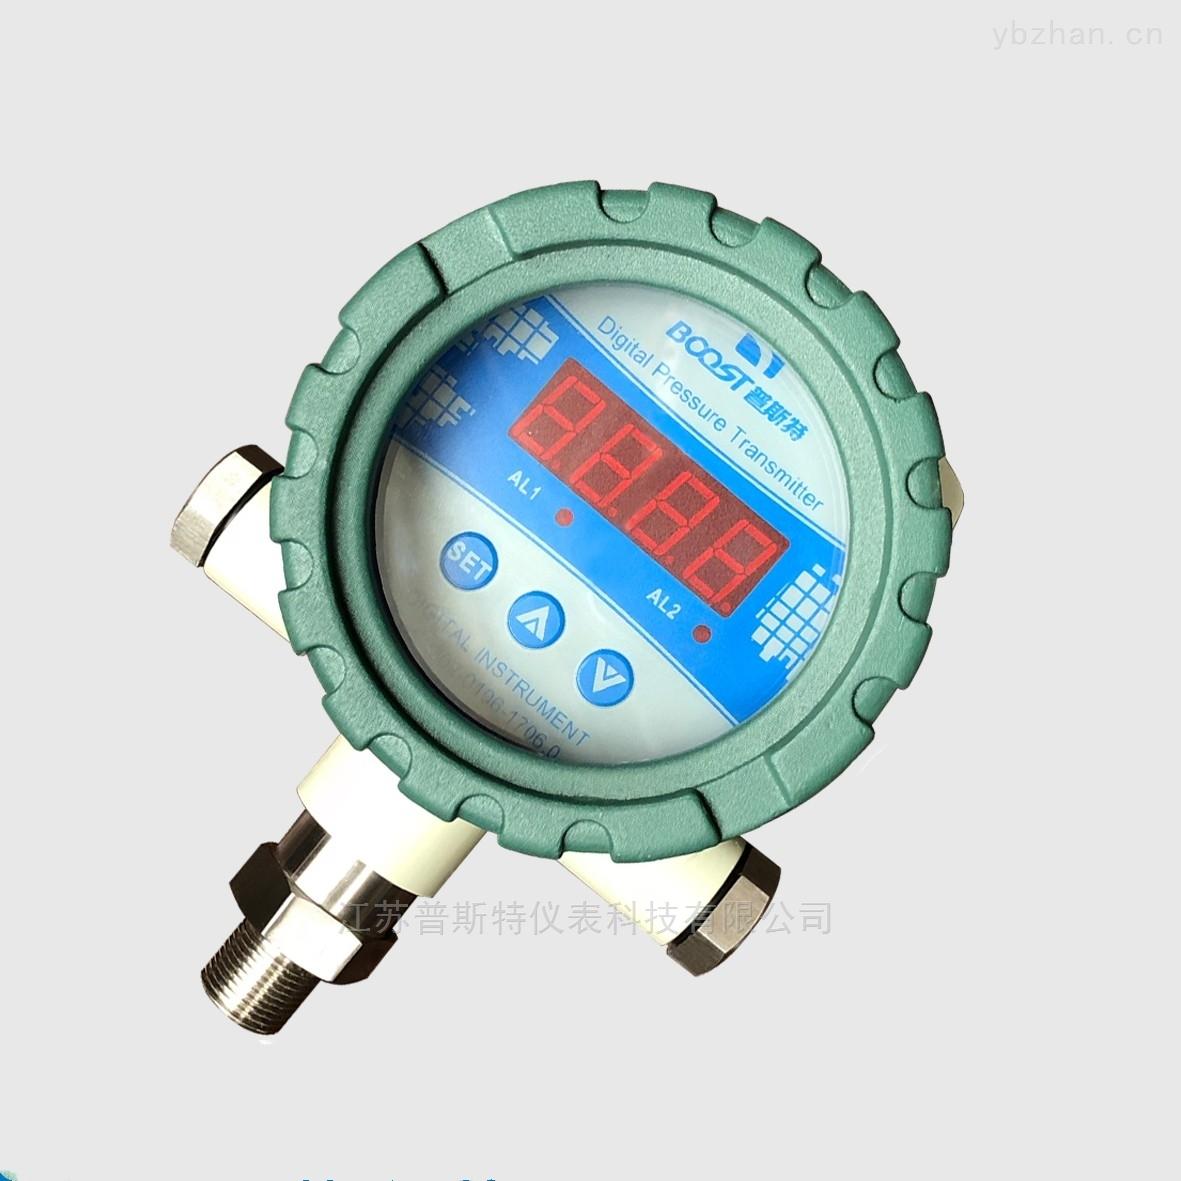 BOOST.PPC.0104-智能壓力變送控制器